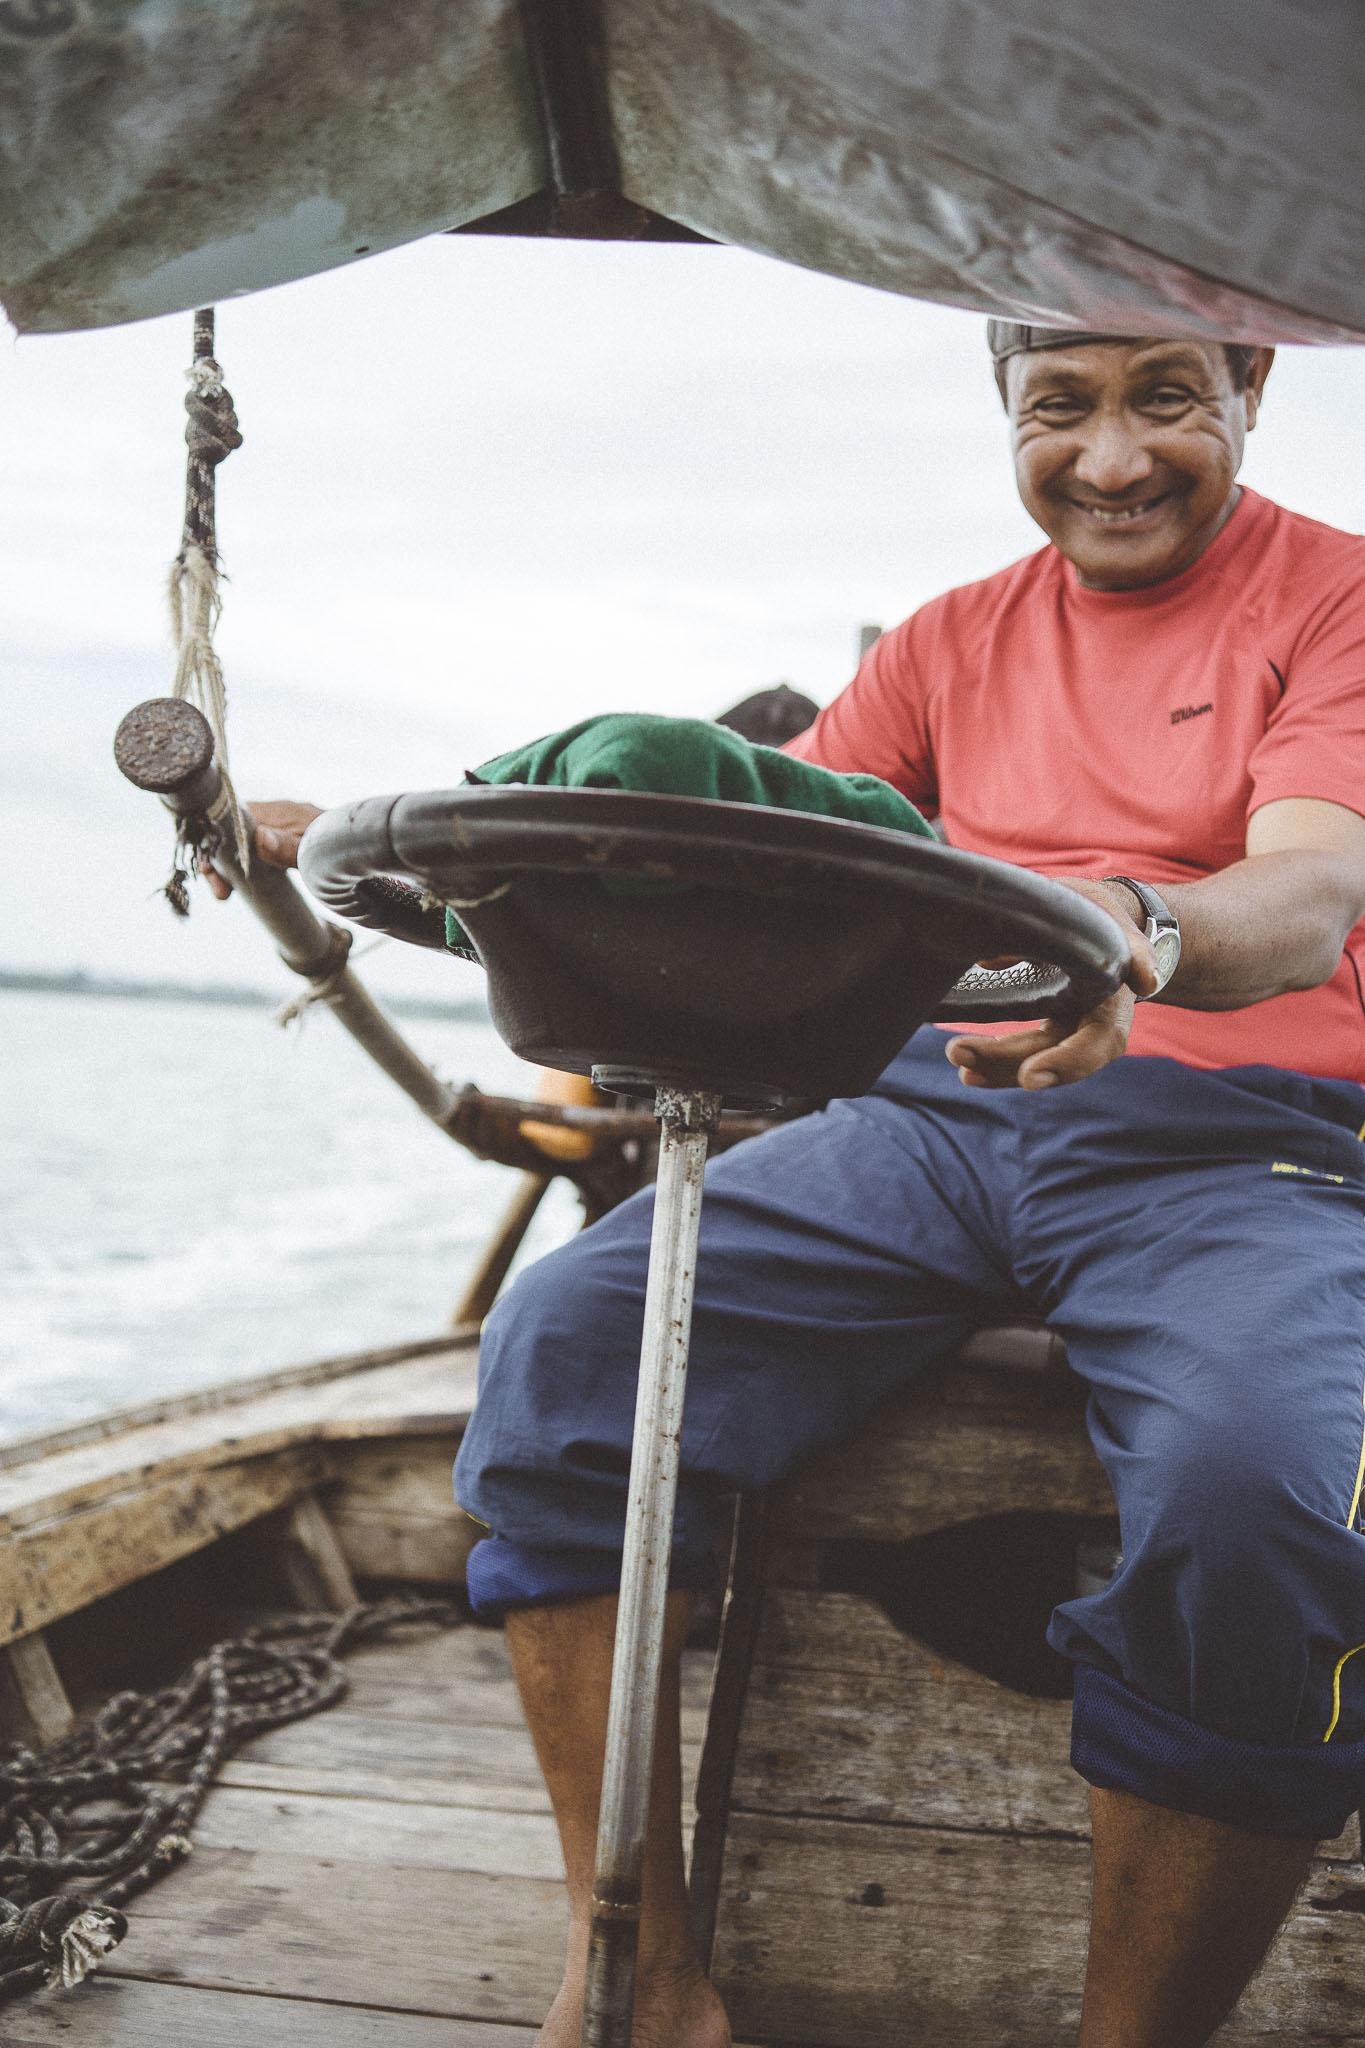 Kapitan long tail boat z uśmiechem na twarzy